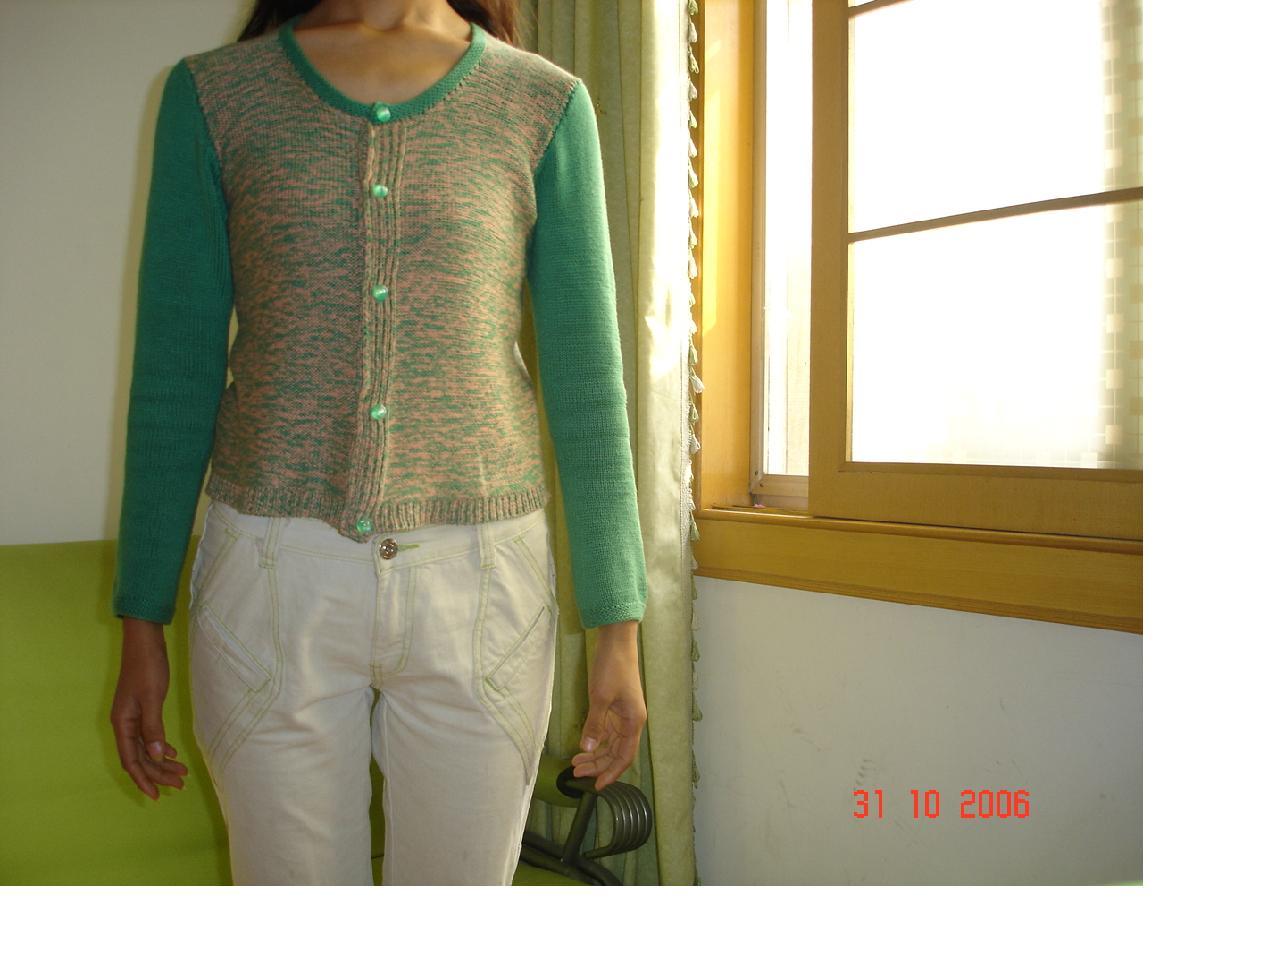 2股(5根为一股的那种)棉线织的上衣